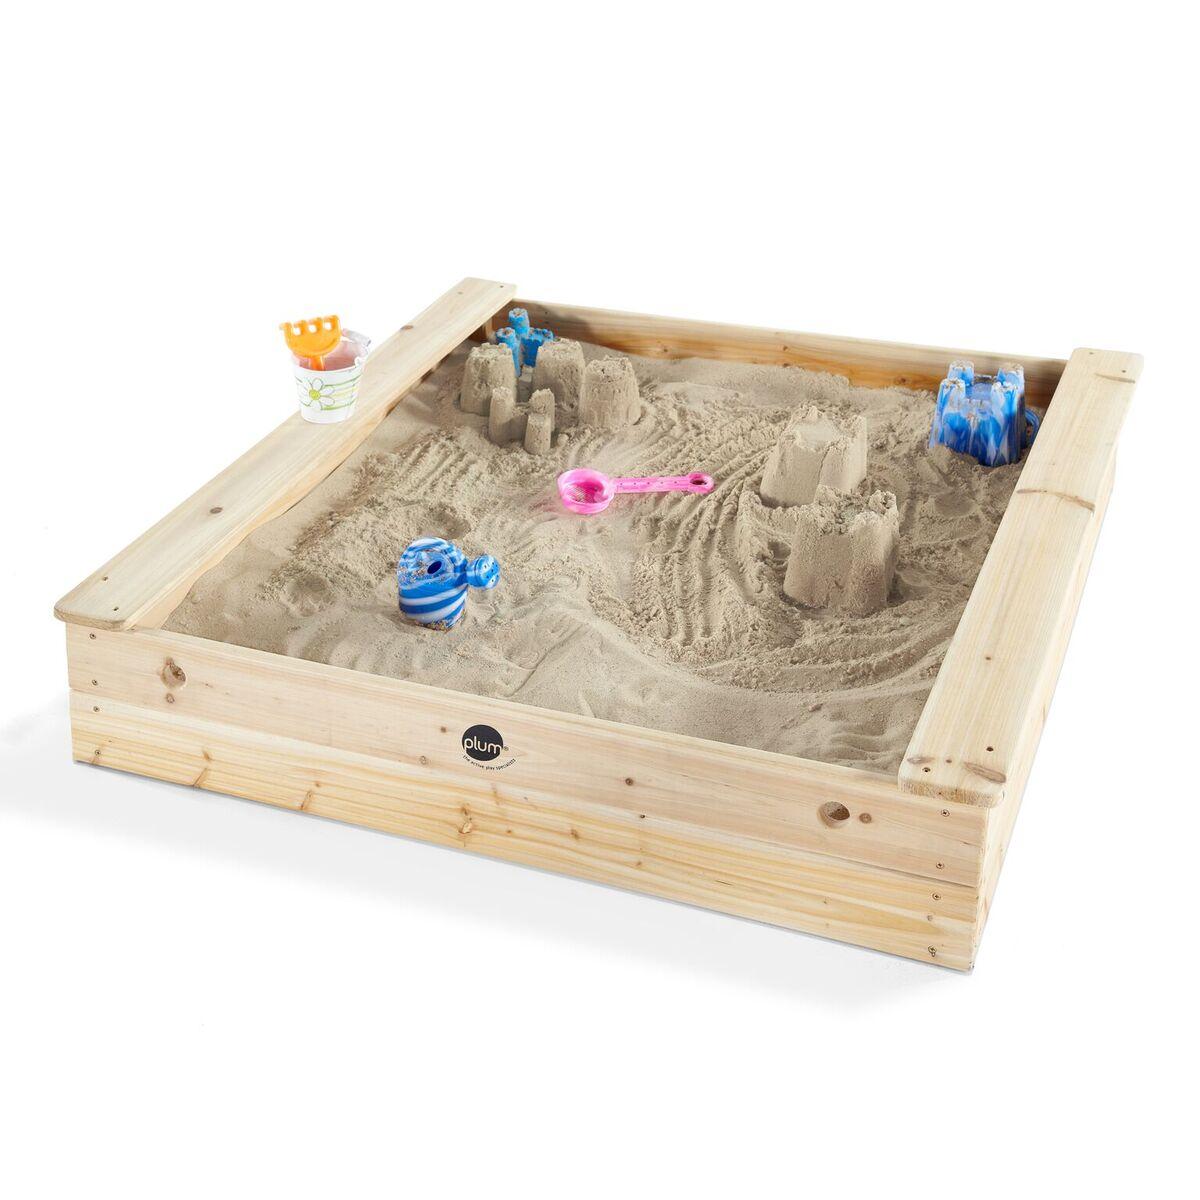 Plum Holz Sandkasten mit Sitzbänken